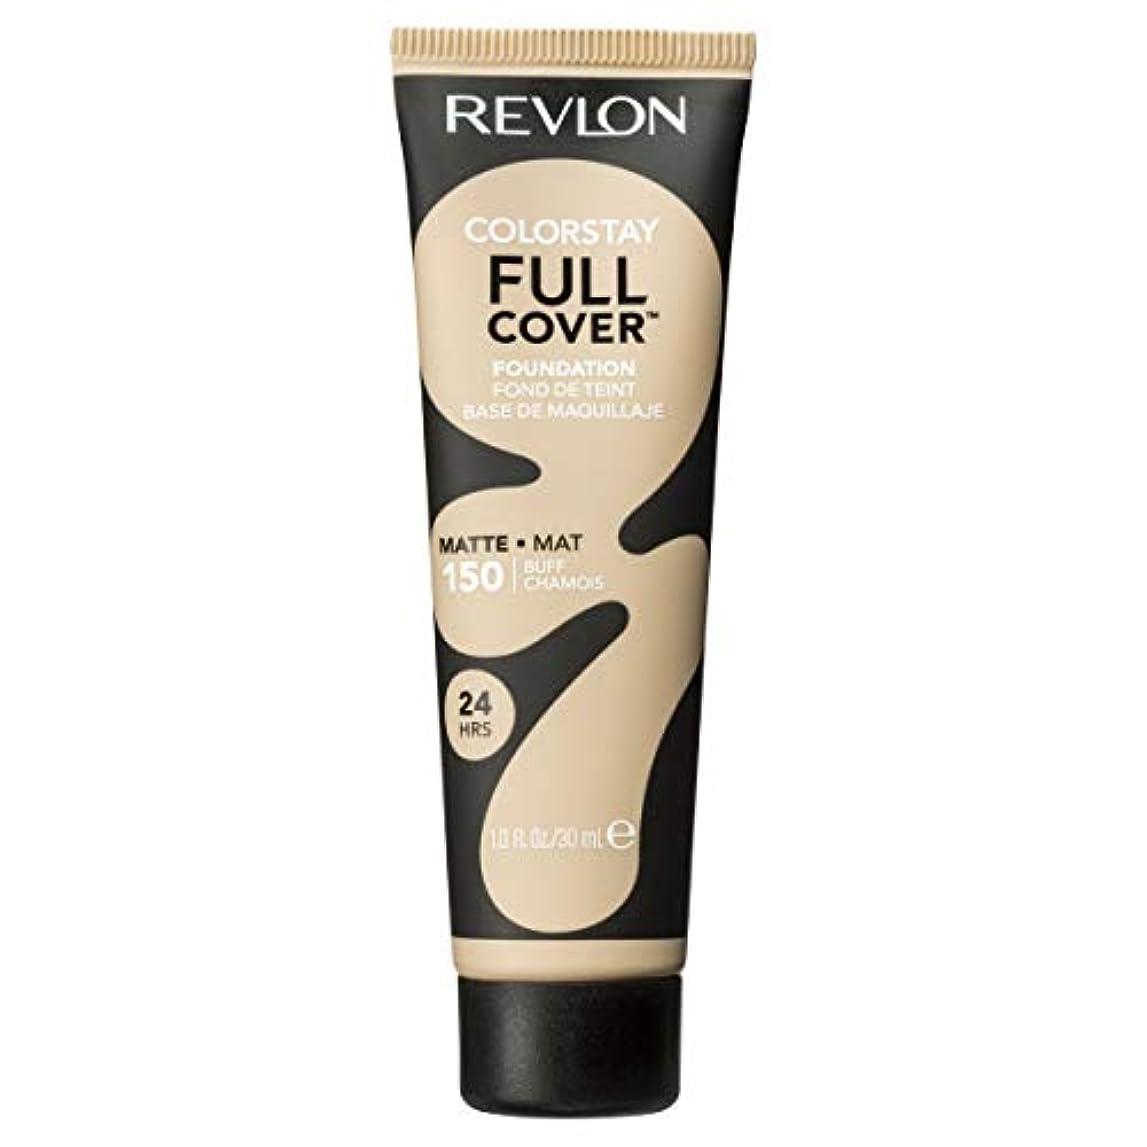 誘う想起傑作【レブロン.revlon]カラーステイプルカバーファンデーション(30ml)/ color stay full cover foundation (150 buff)